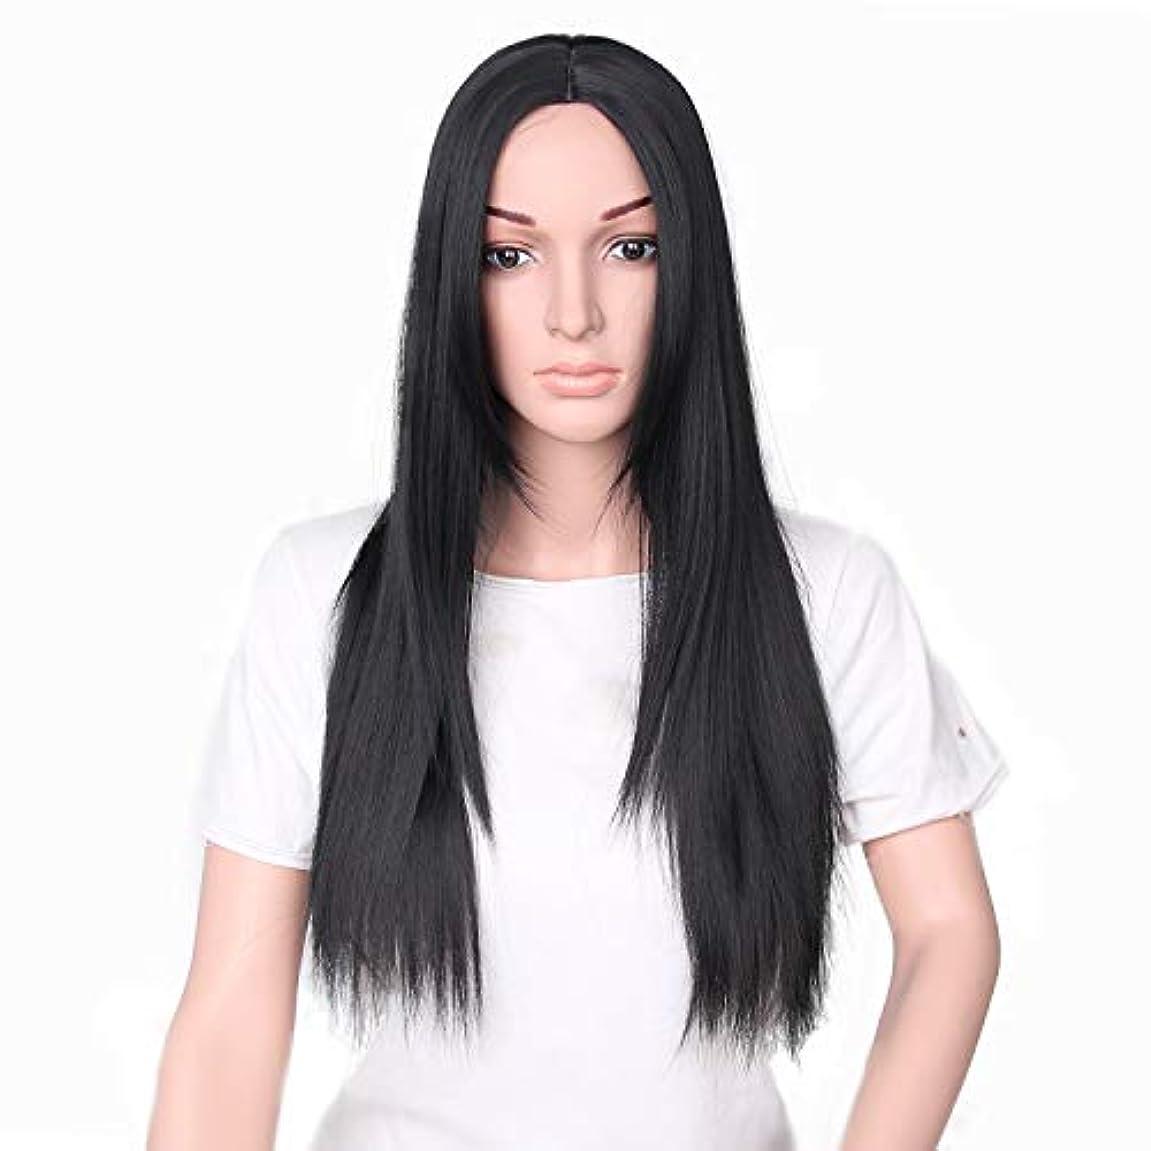 サルベージブラウン幸福YZUEYT 66cm女性ナチュラルセンター分割ロングストレートブラックヘアウィッグ YZUEYT (Size : One size)